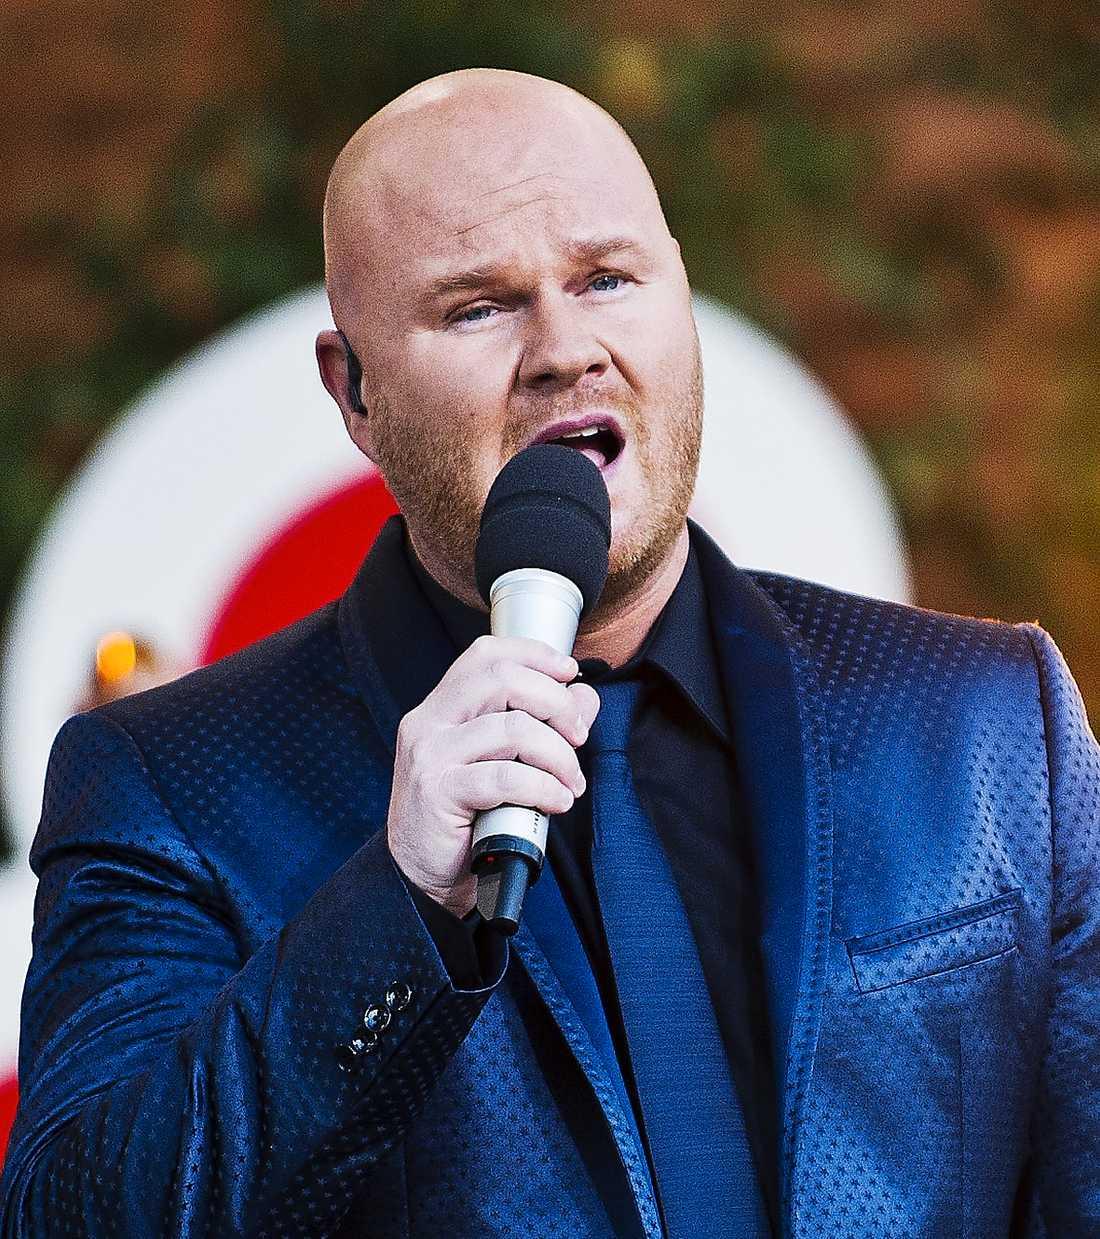 """Låtskrivaren och artisten Fredrik Kempe gillar inte att Danny hoppar på hans låt """"Popular""""."""